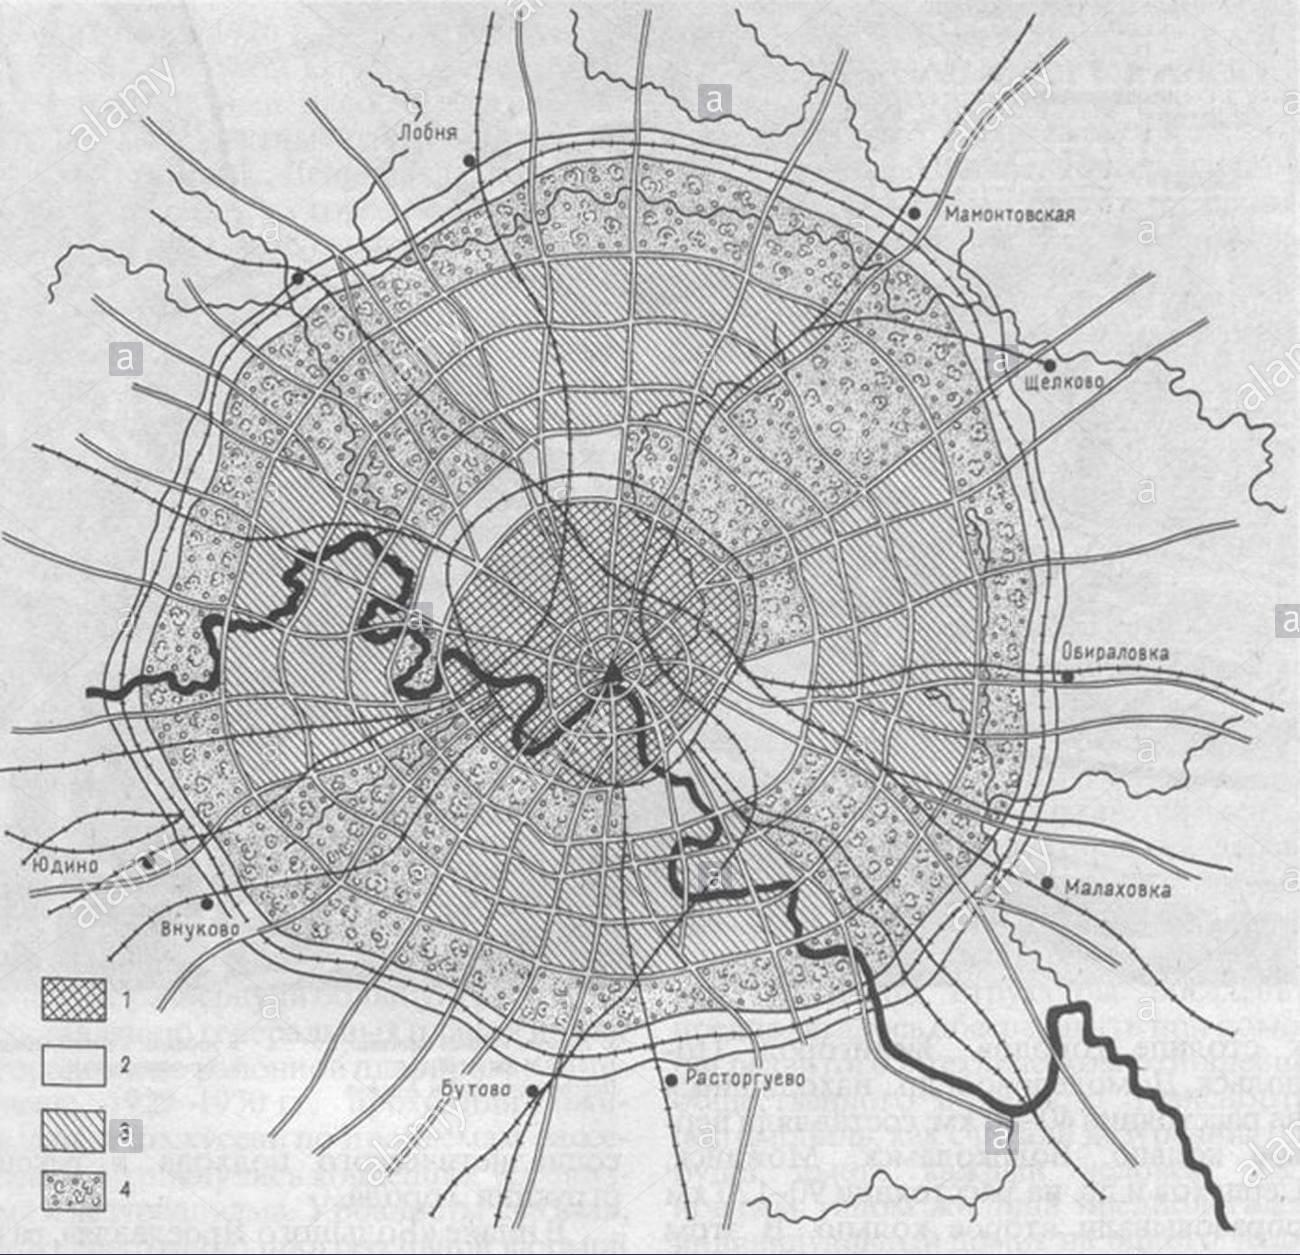 Naissance de l'Architecture Soviétique (1917-1923) dans Architecture & Urbanisme 200528123102718915